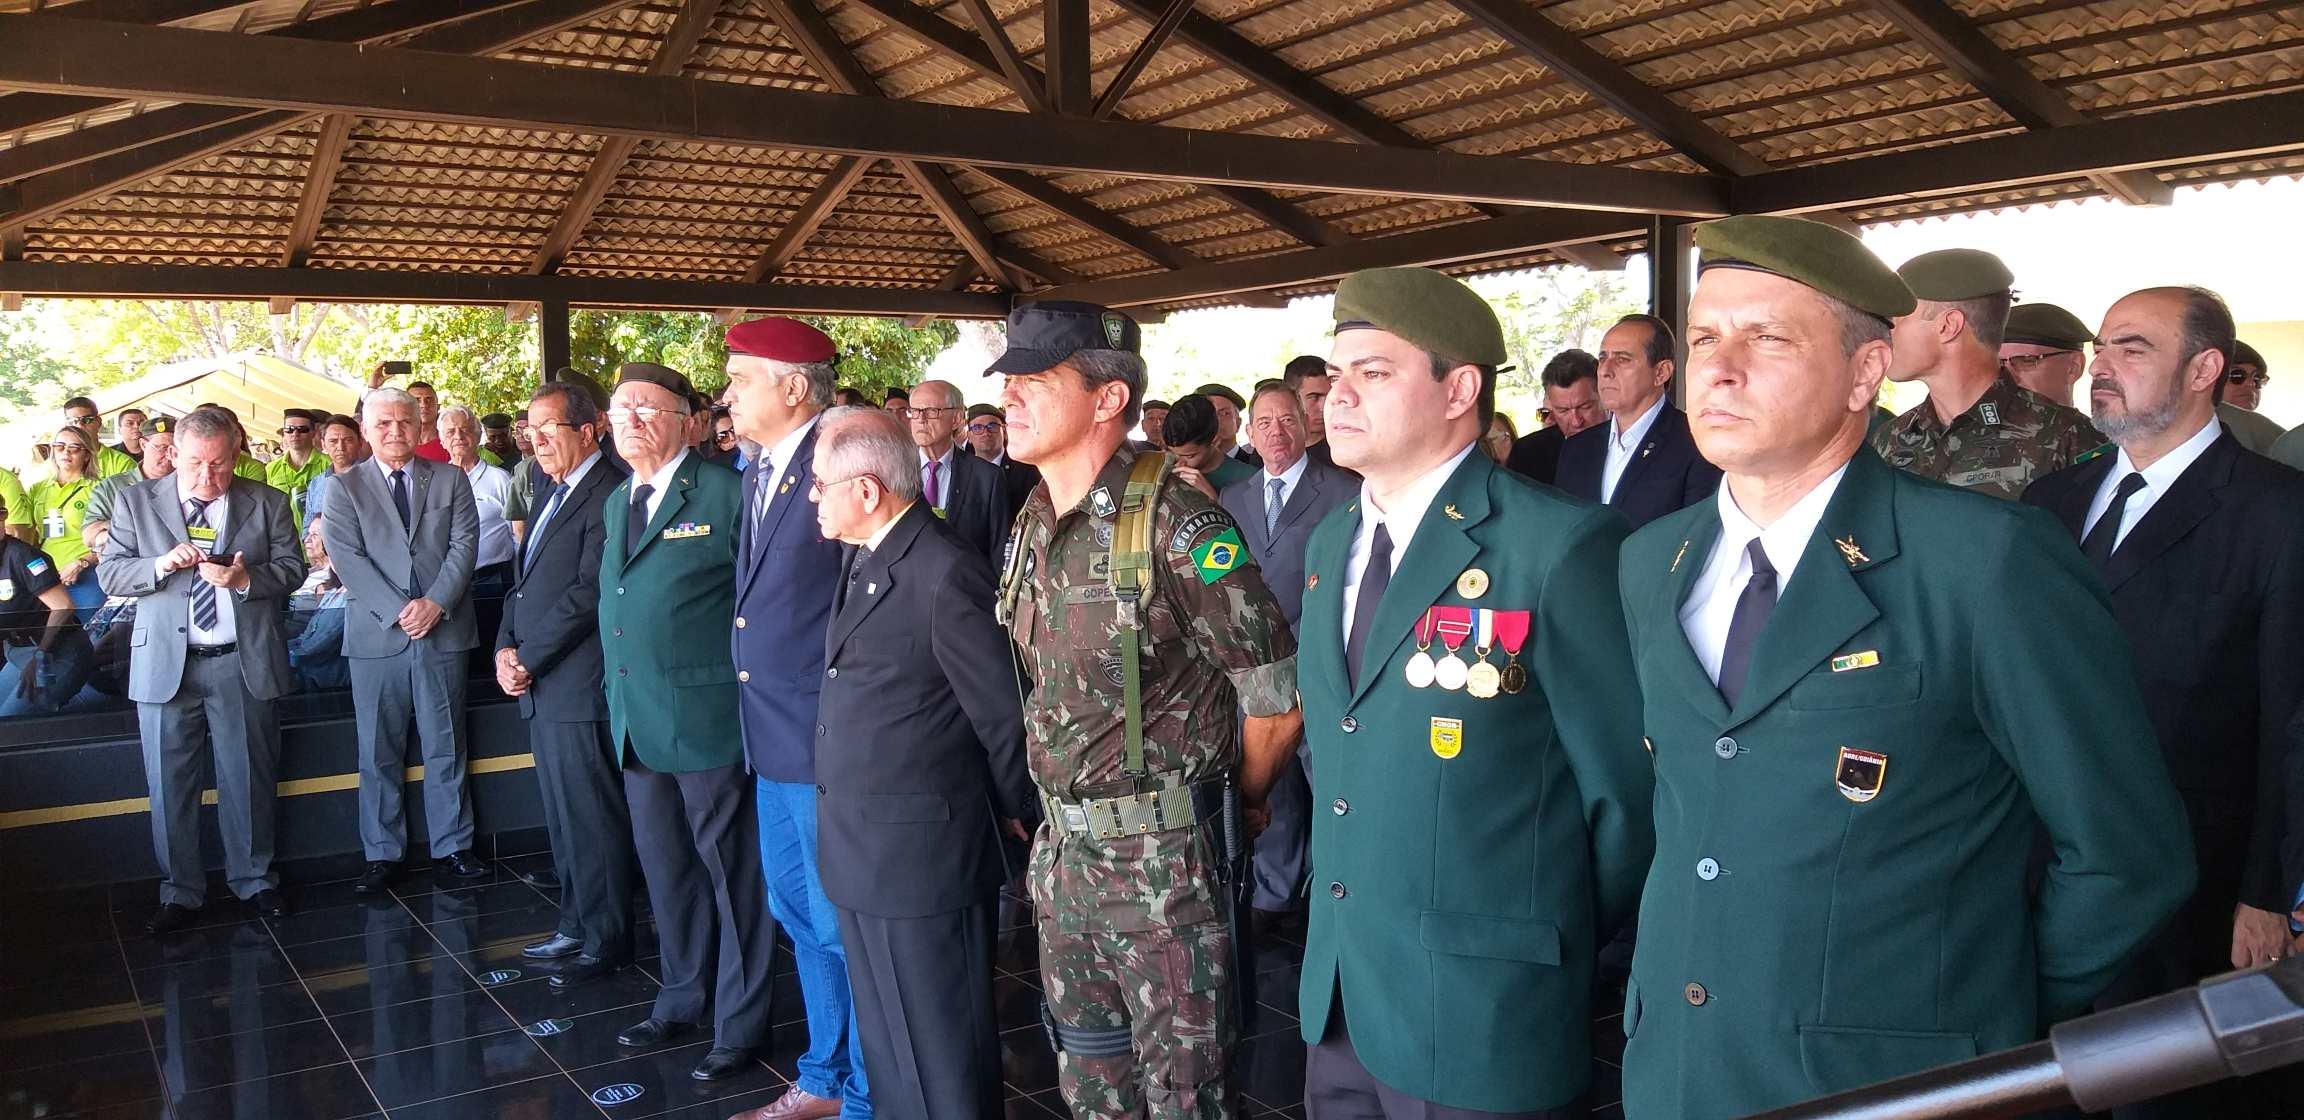 XXI Encontro Nacional de Oficiais da Reserva R/2 do Exército ENOREx,  GOIANIA